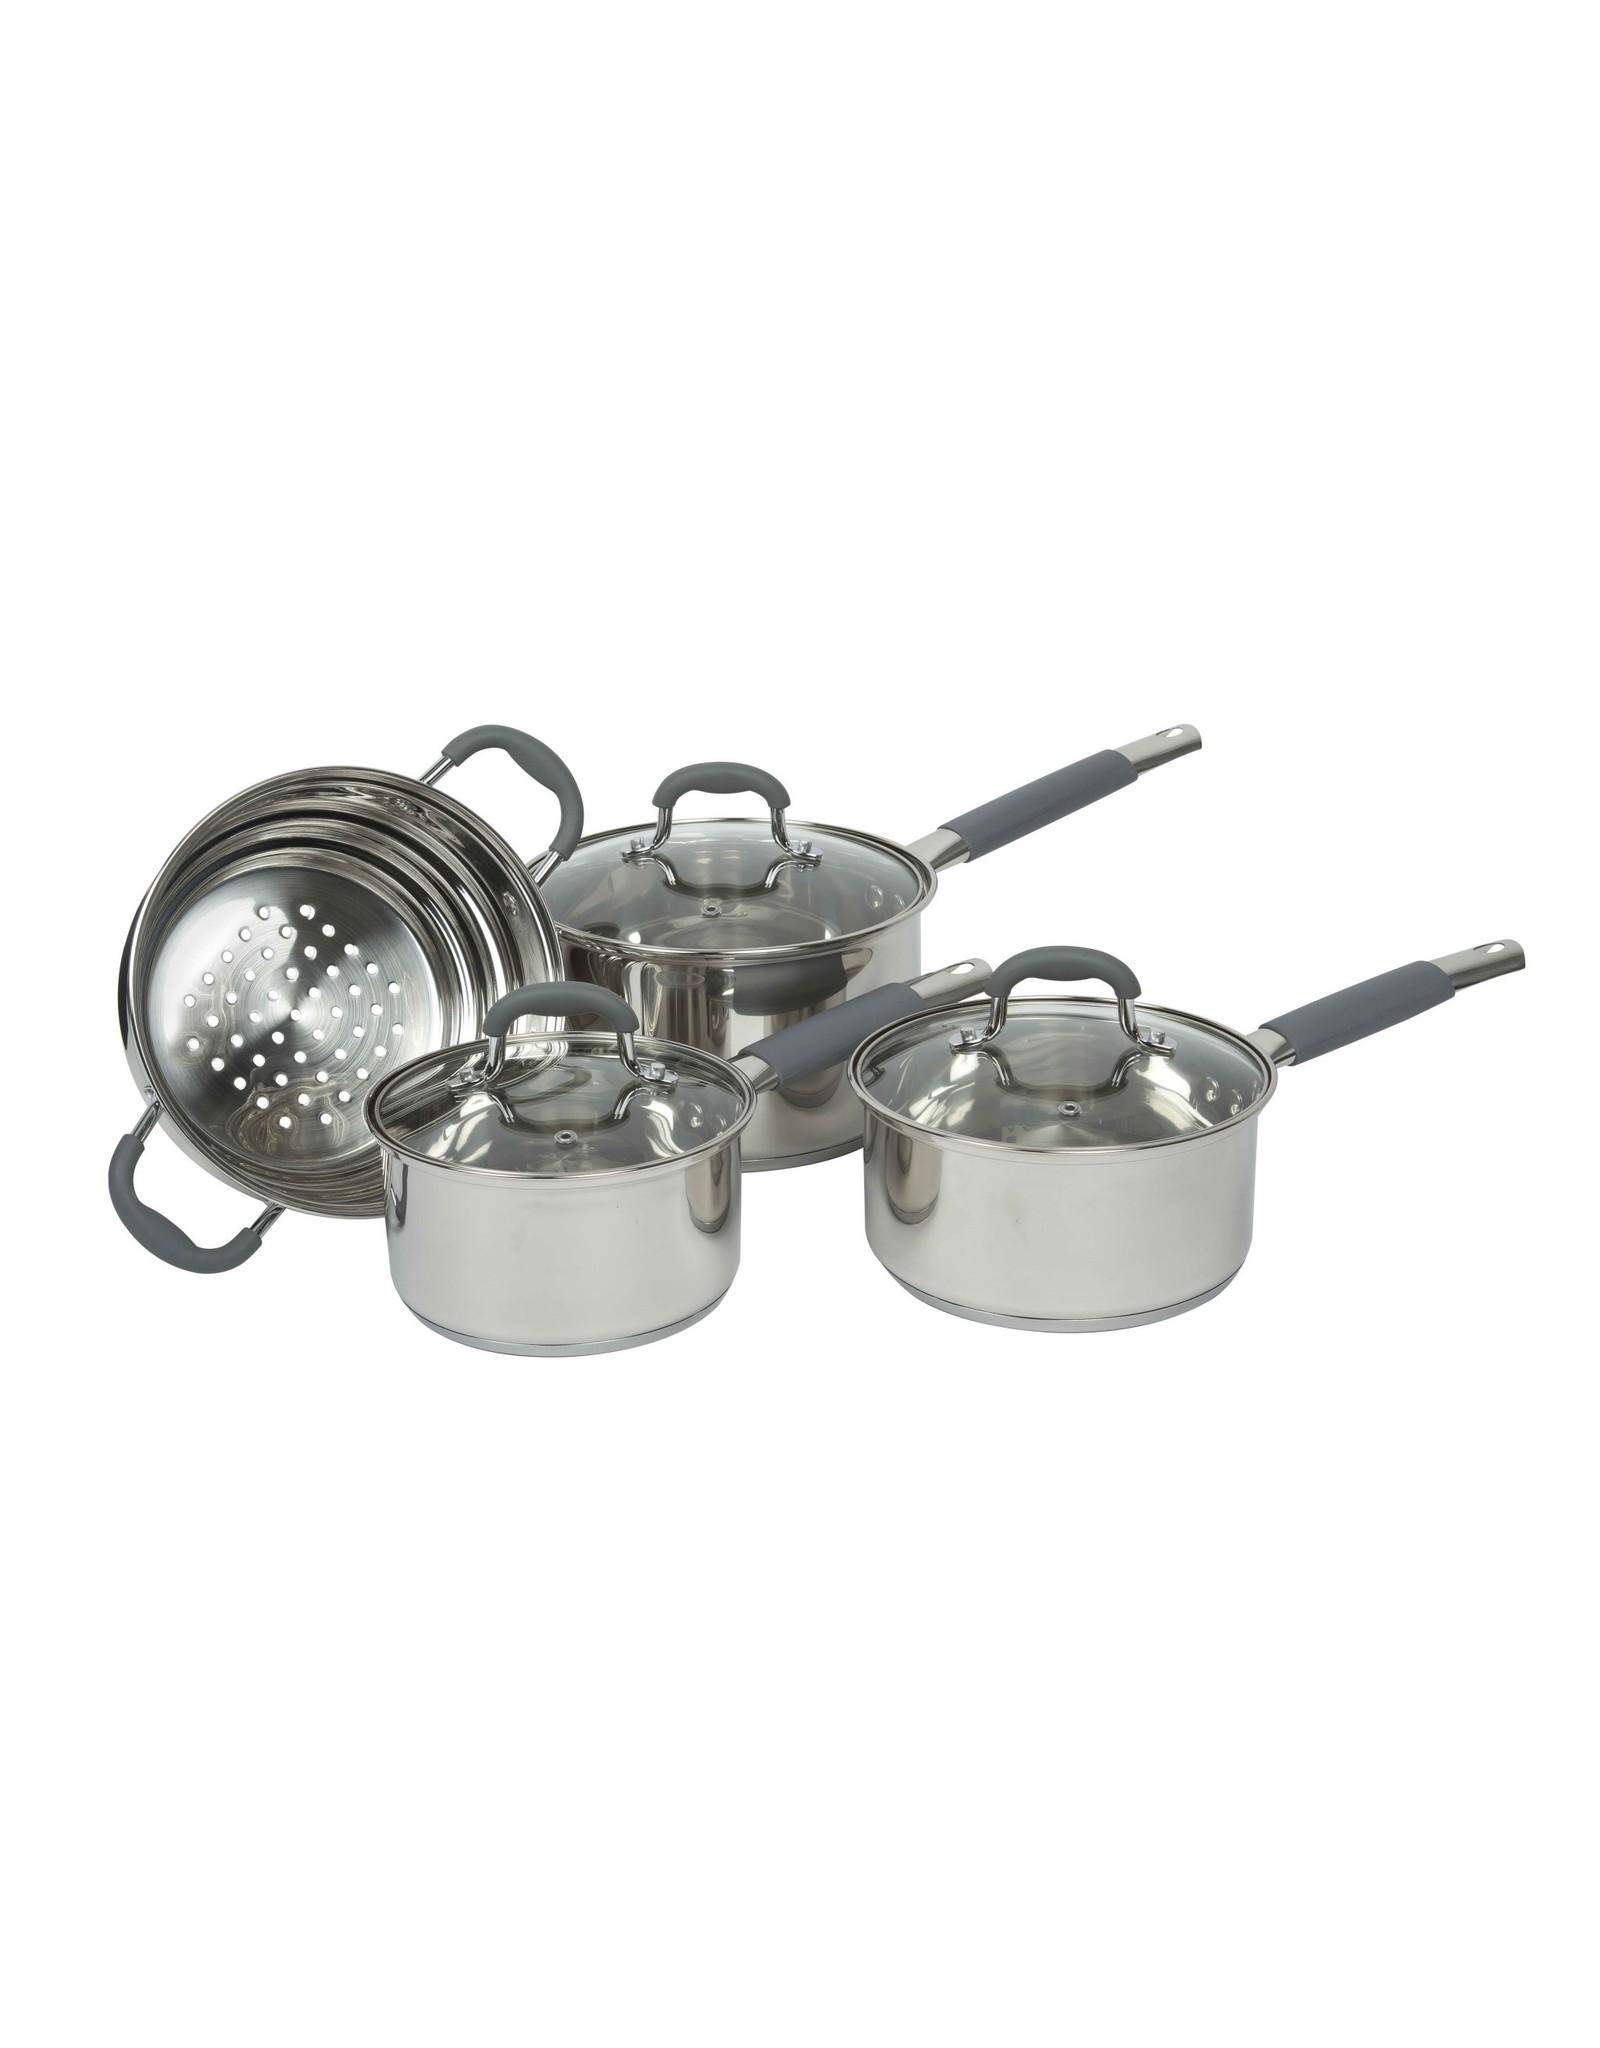 Davis & Waddell Argon Saucepan Cookware Set/4 SS